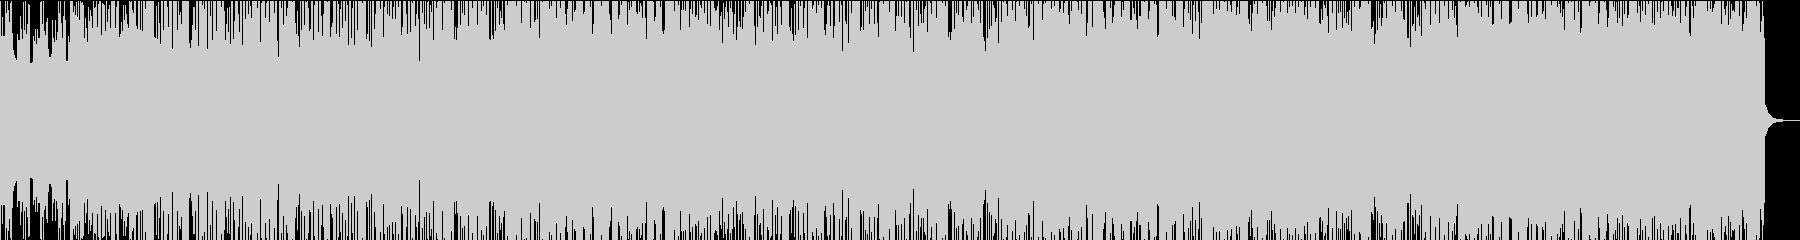 ピアノのリフが印象的な切ない雰囲気の曲の未再生の波形